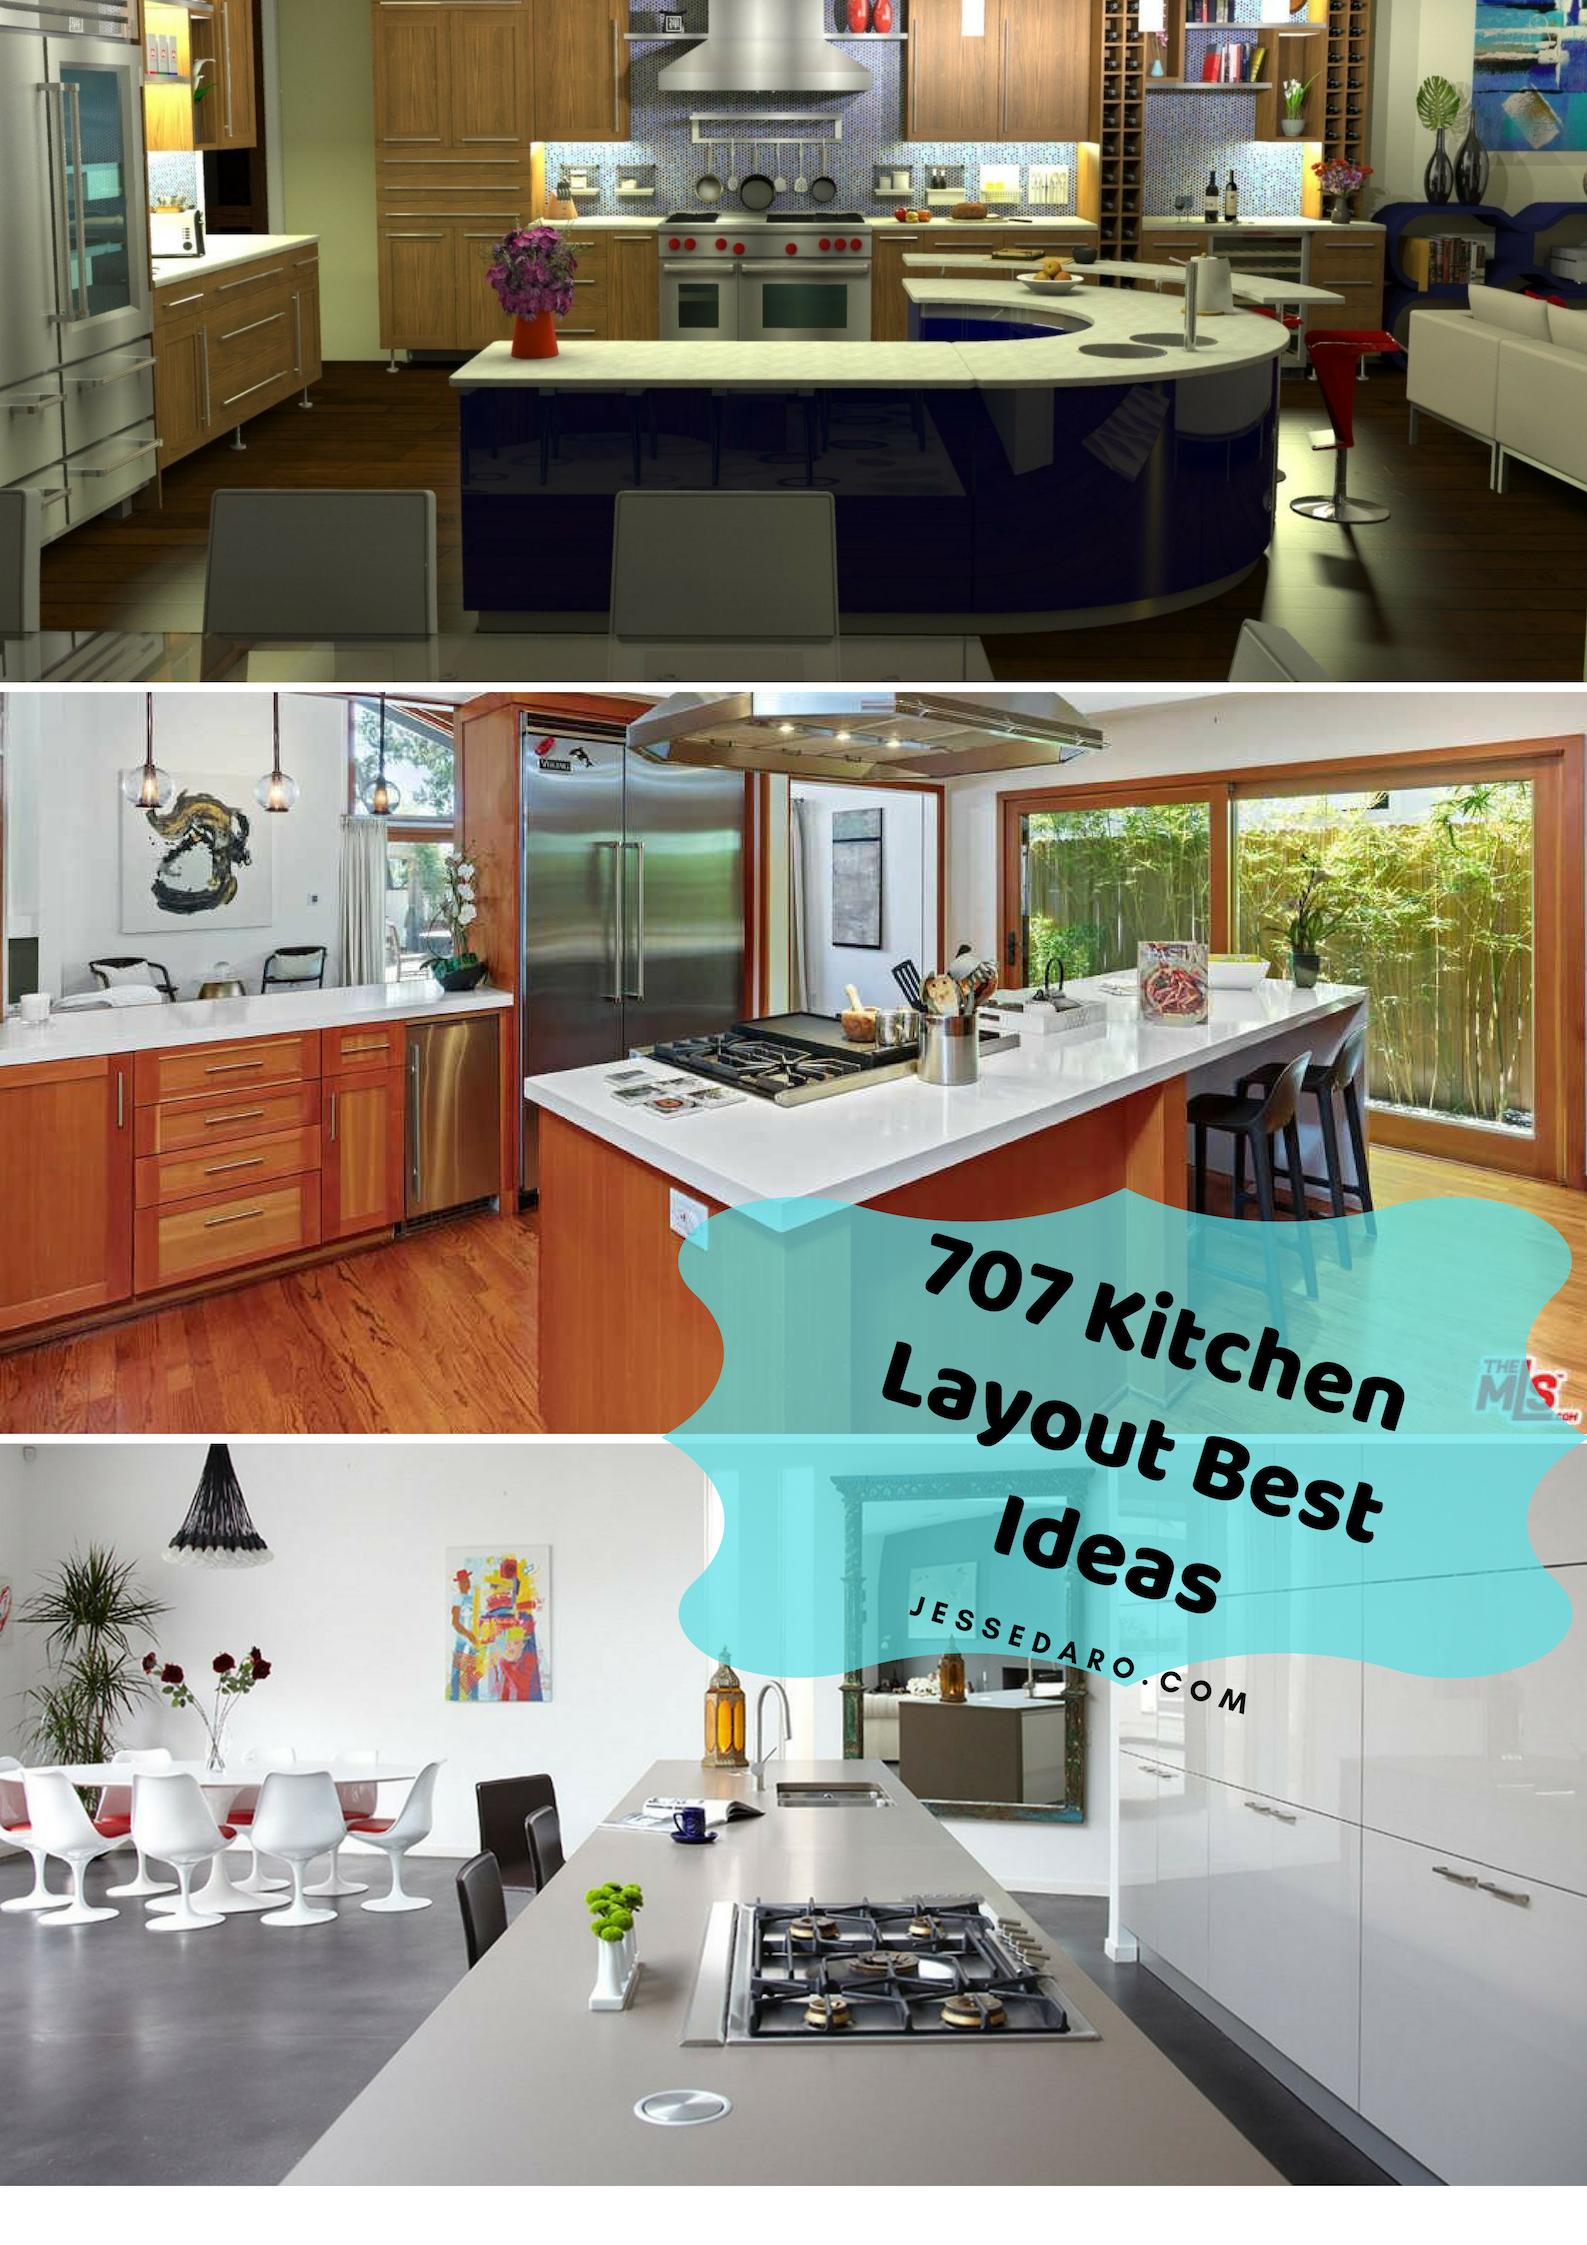 707 kitchen layout best ideas kitchen layout ideas layout rh in pinterest com Kitchen Helper Stool Kitchen Help